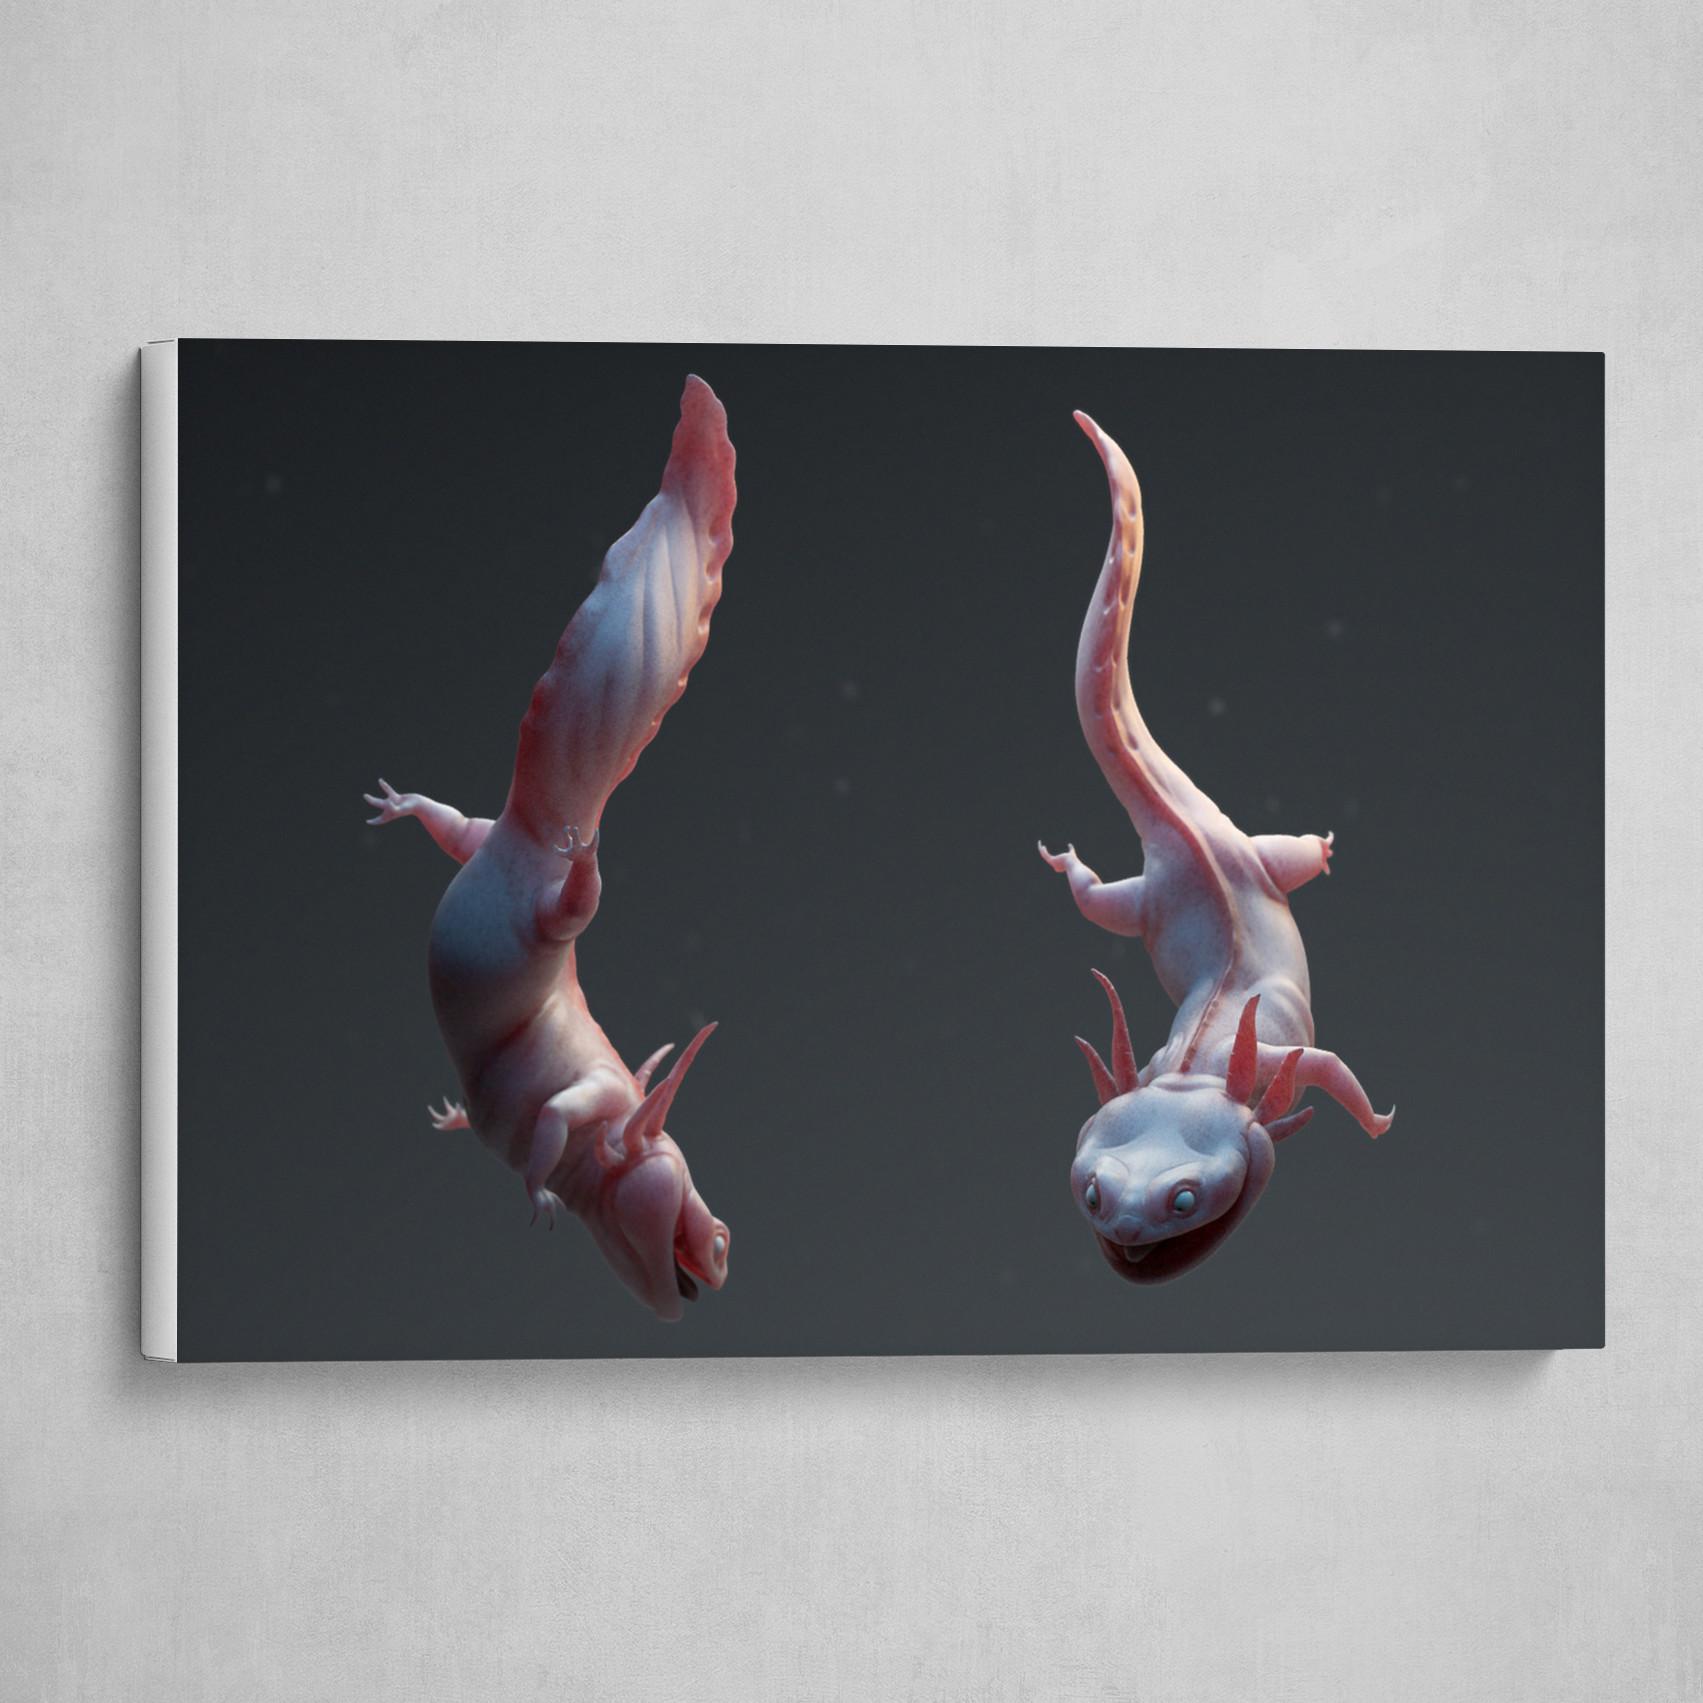 AxolotlOfFun